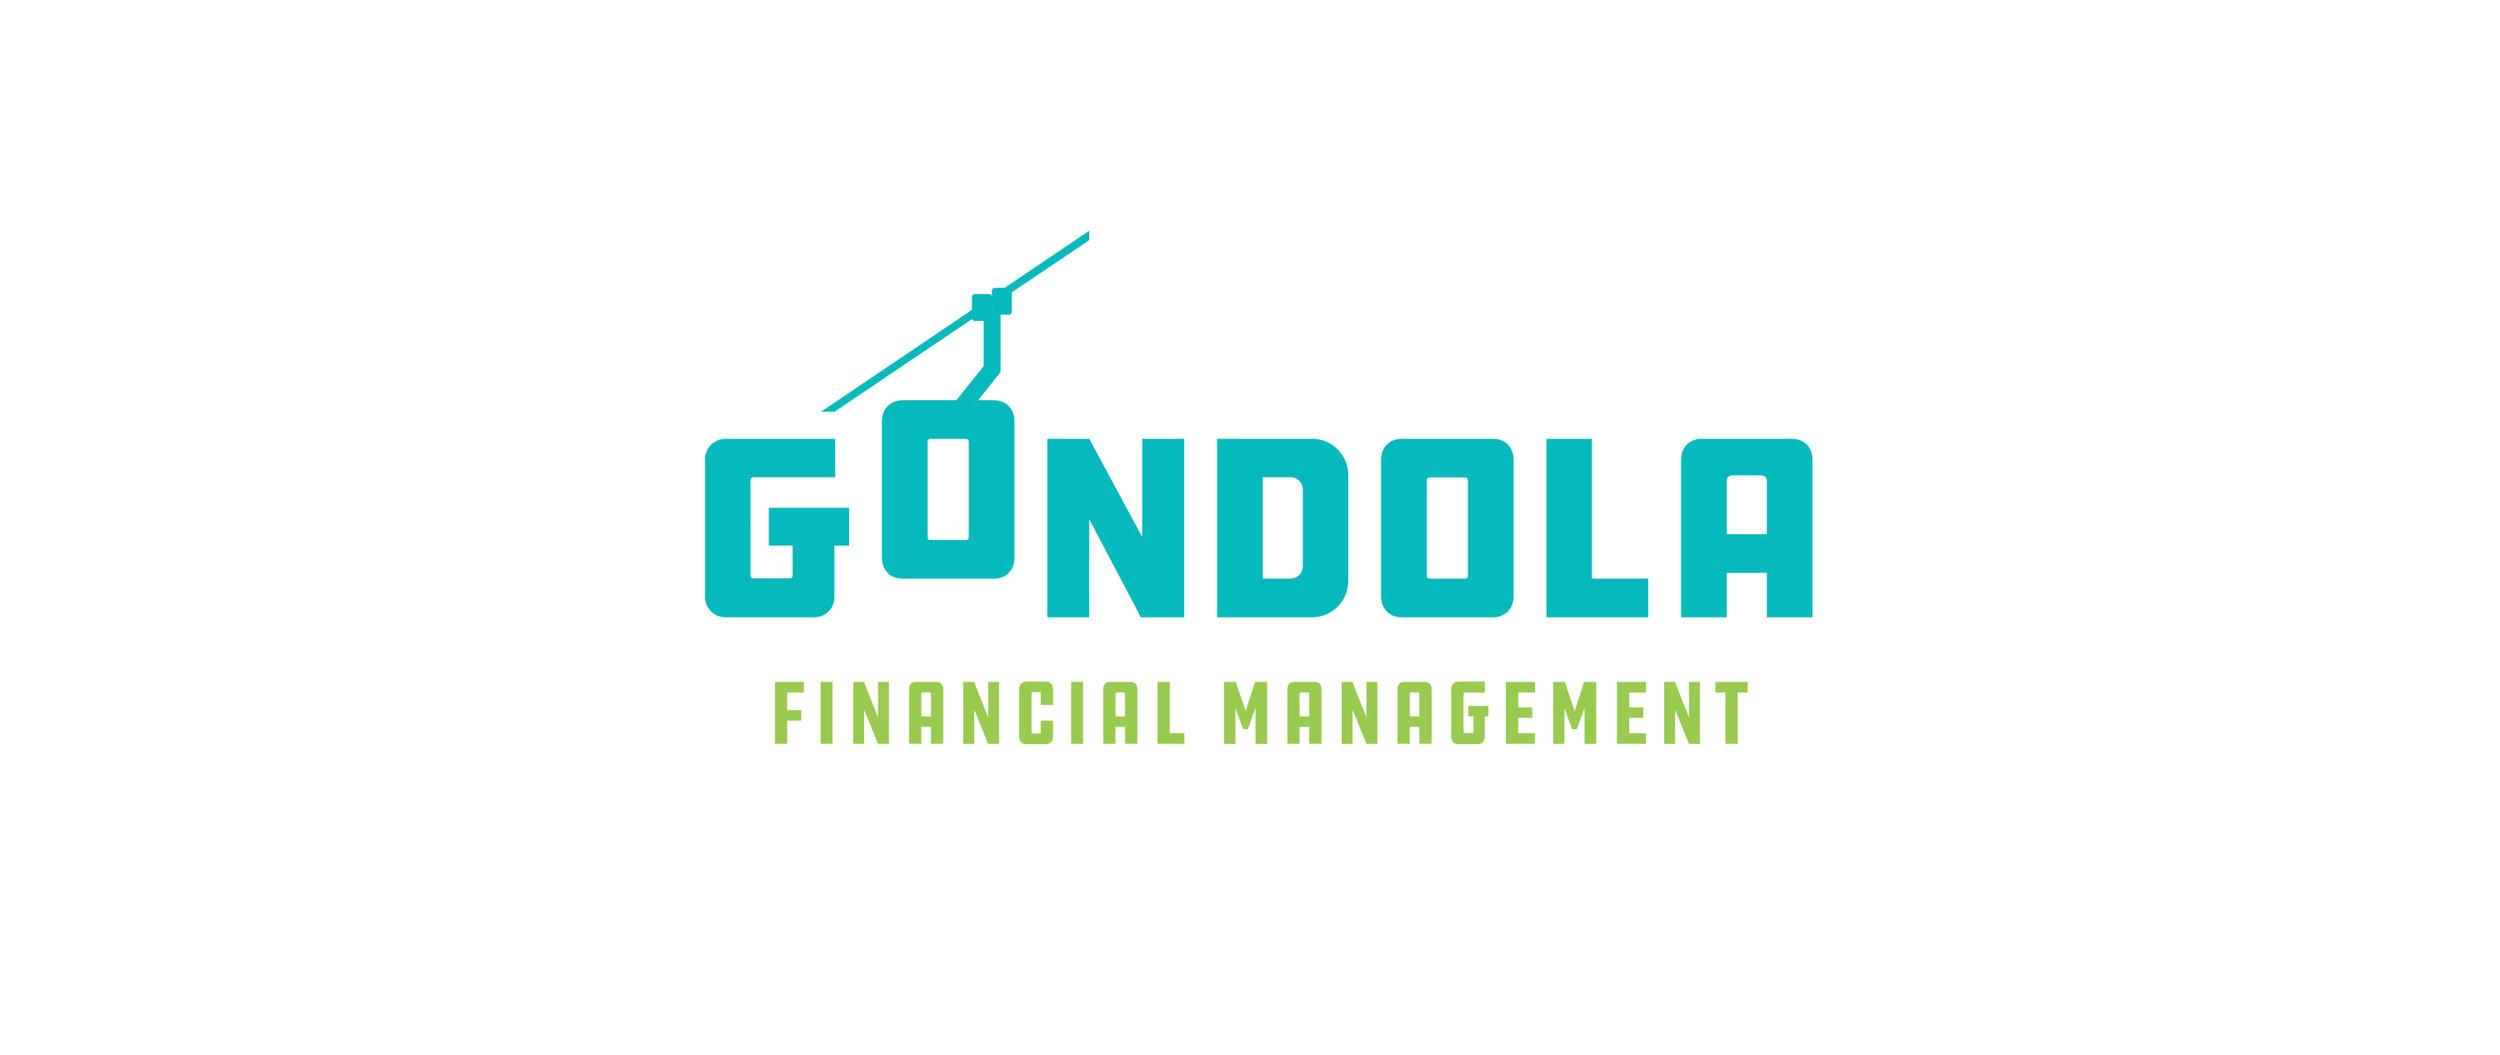 A financial company born in the Colorado mountains